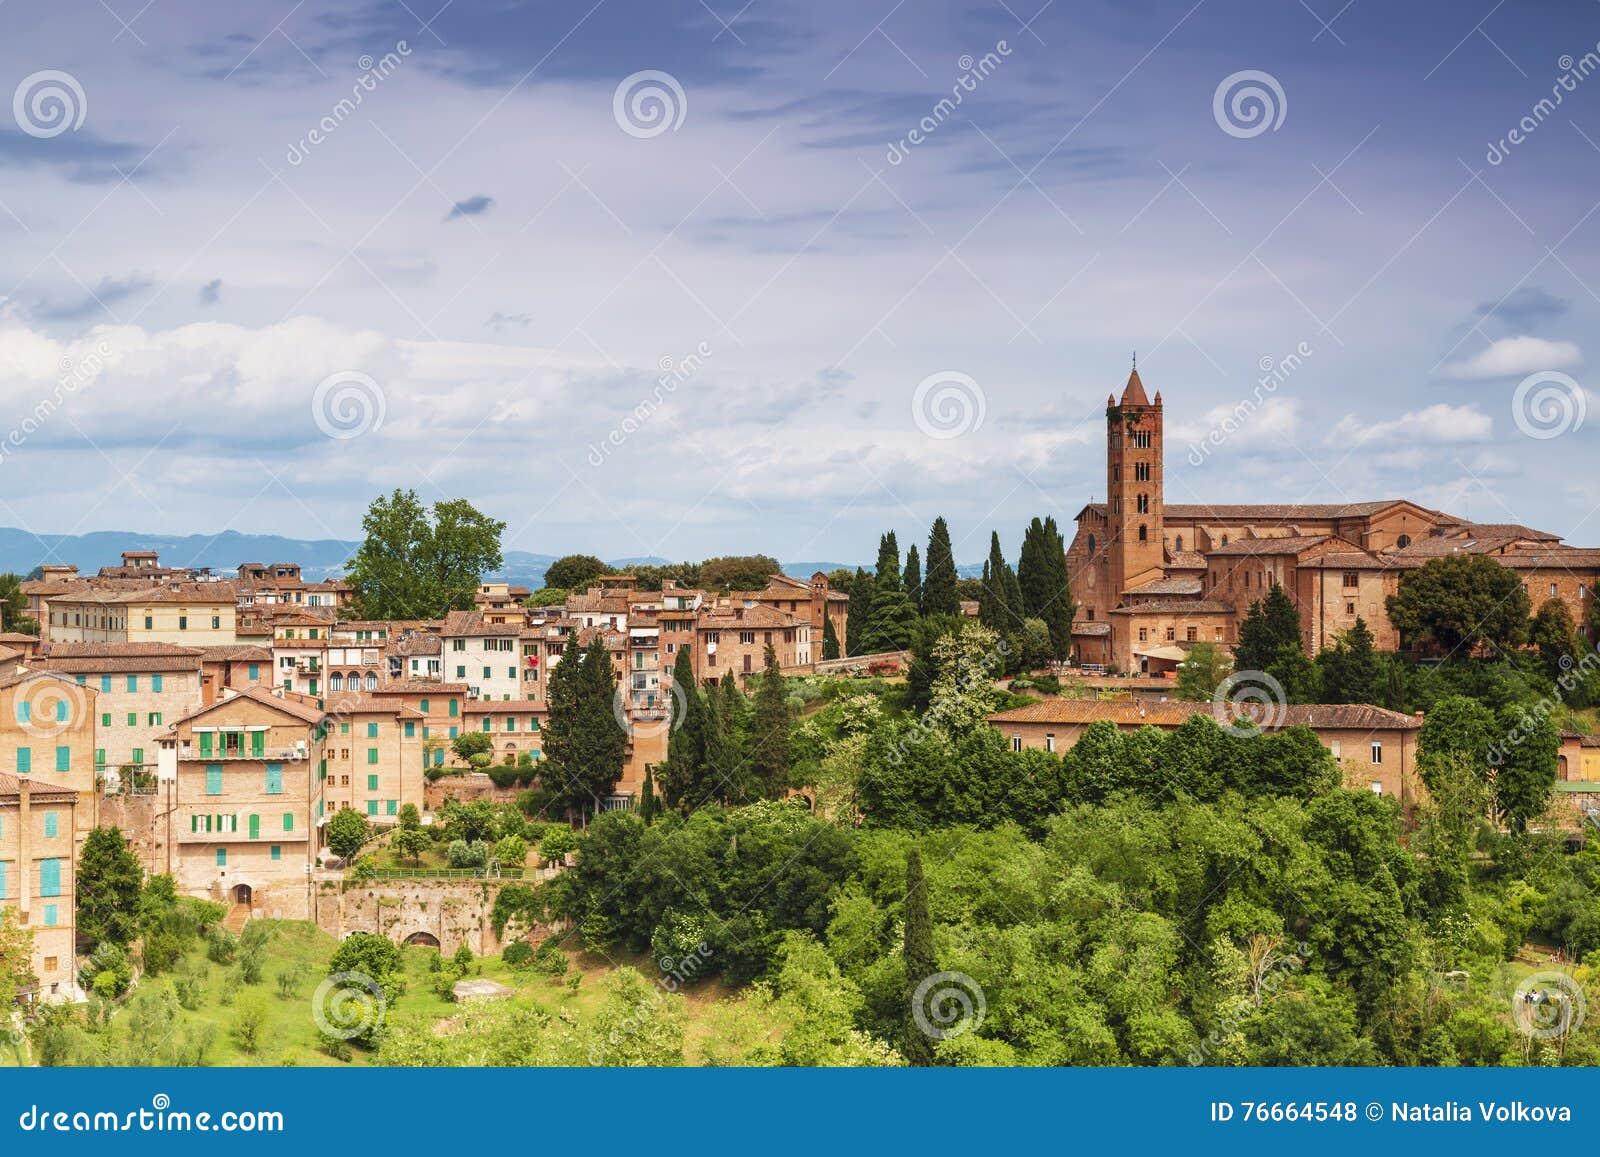 Pejzaż miejski miasto Siena, Tuscany